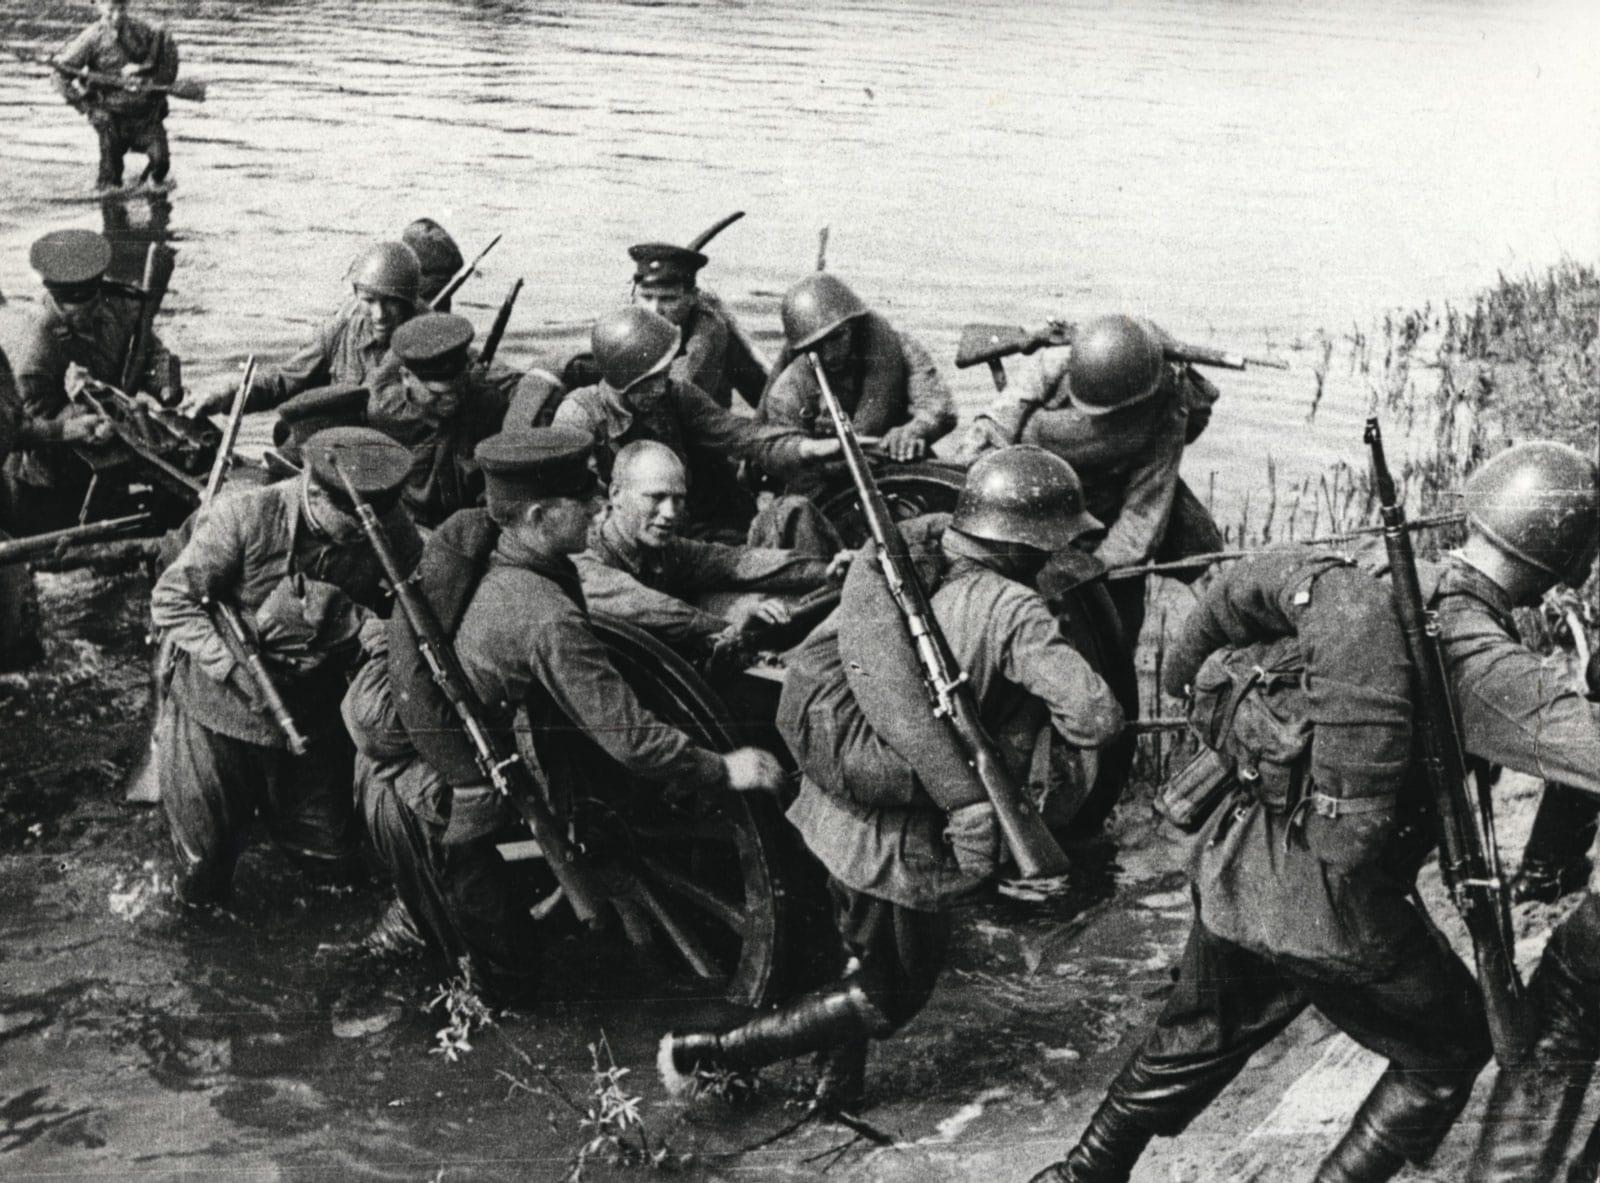 Иллюстрация к статье Брест 1941.Неизвестная артиллерийская дуэль